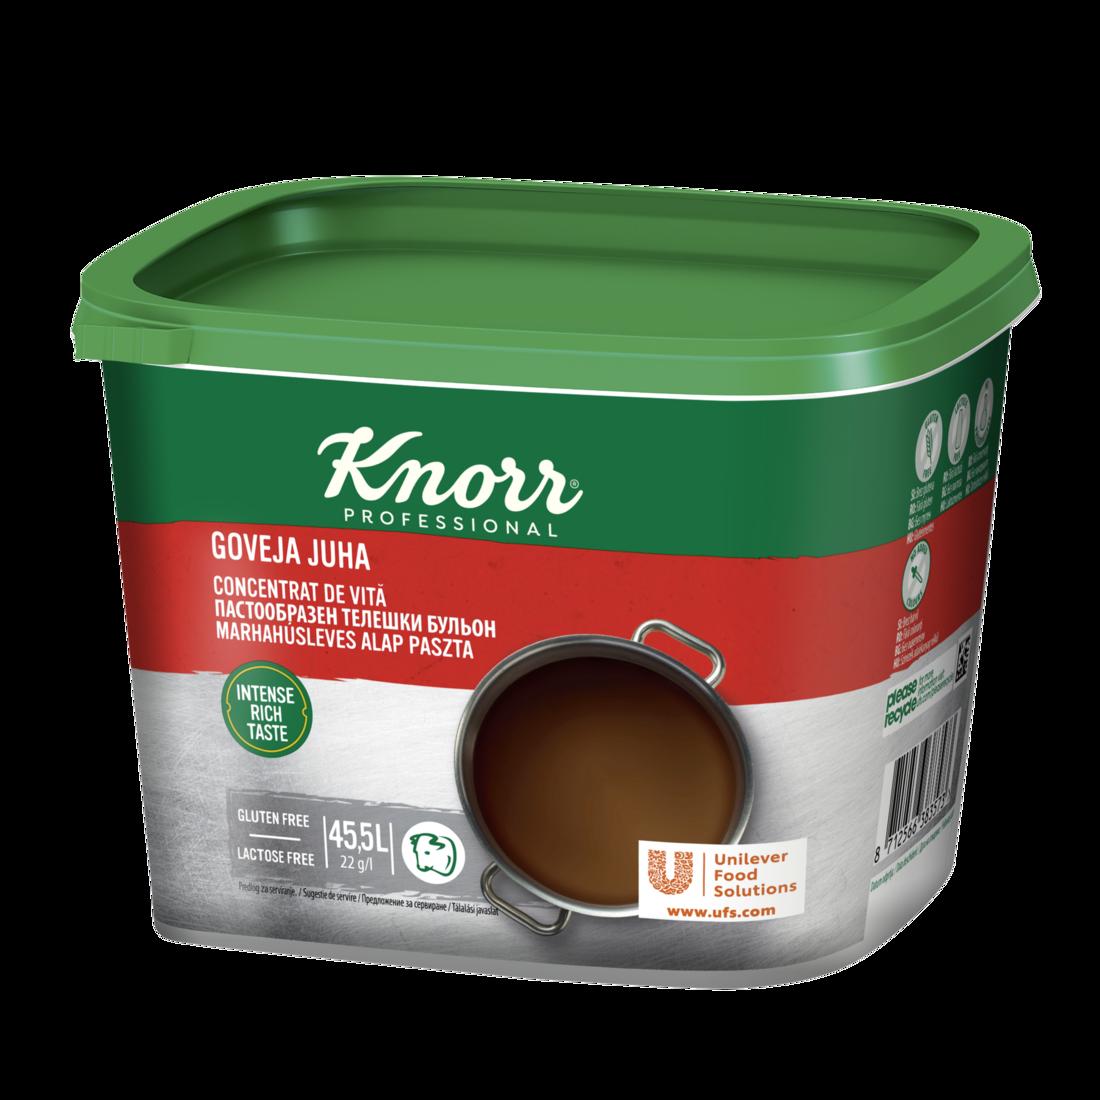 Knorr Телешки пастообразен бульон - Перфектното решение за бързо приготвяне на отлични ястия и подсилване на вкуса!